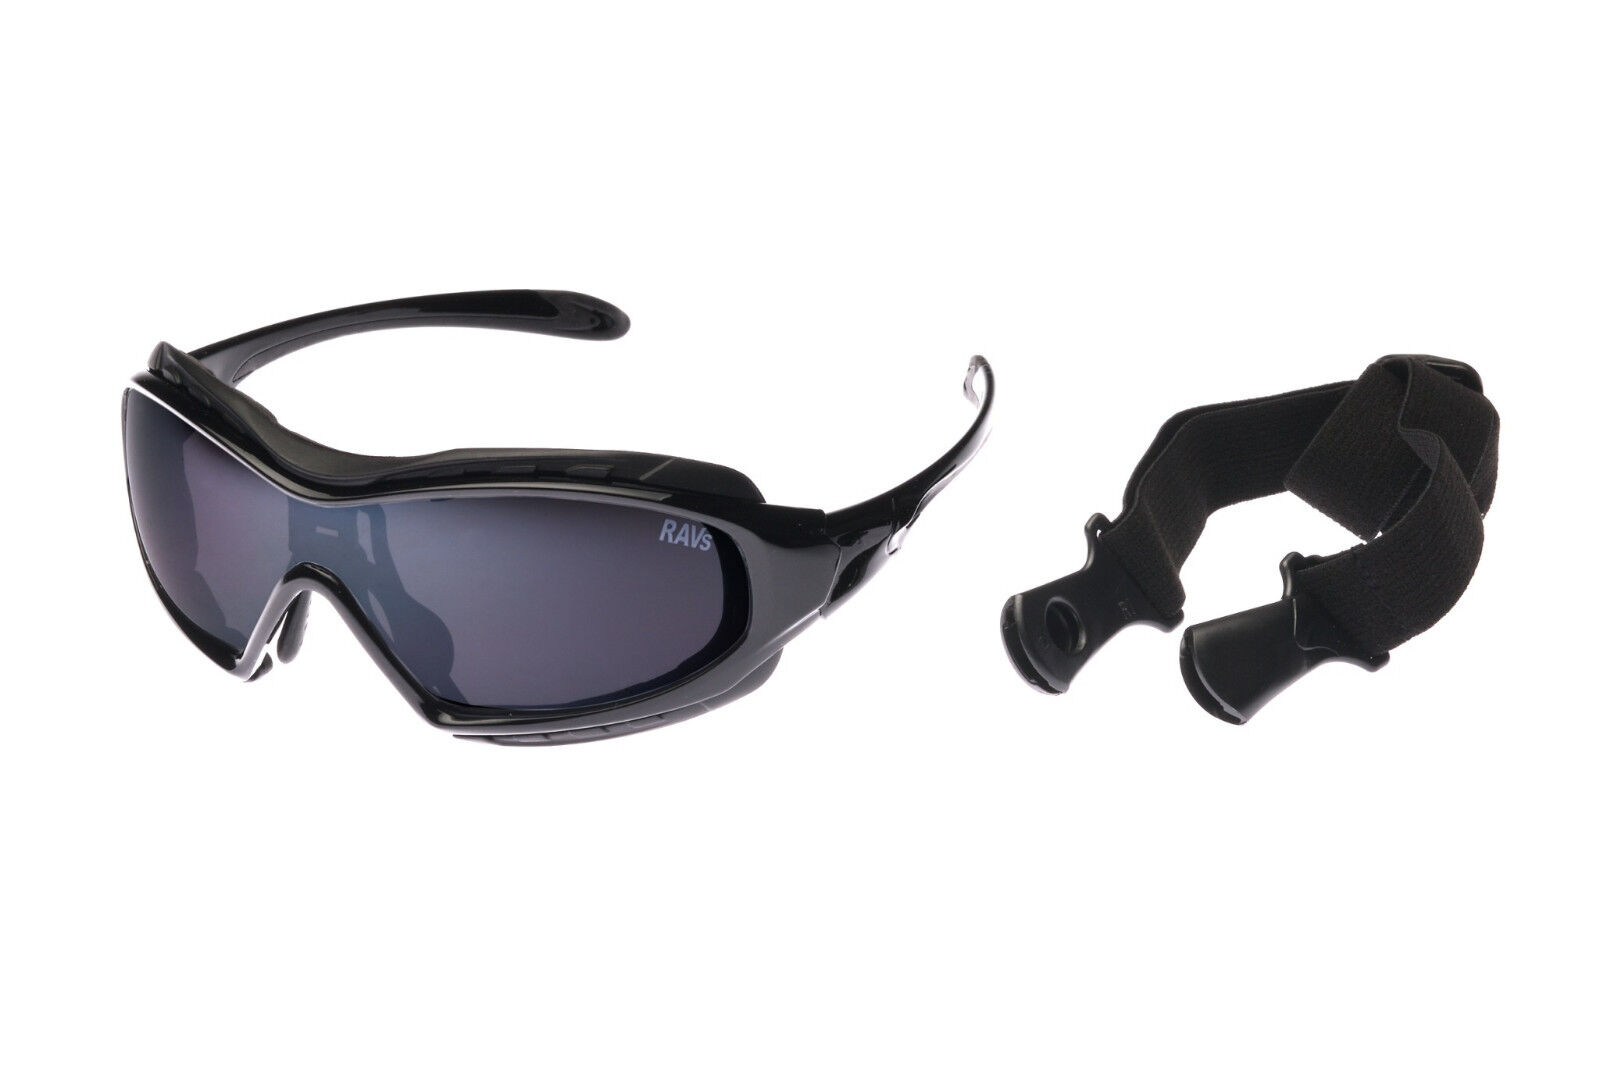 RAVS MOTORRADBRILLE  SONNENBRILLE Harley  Cruiser Brille BIKEBRILLE Schutzbrille